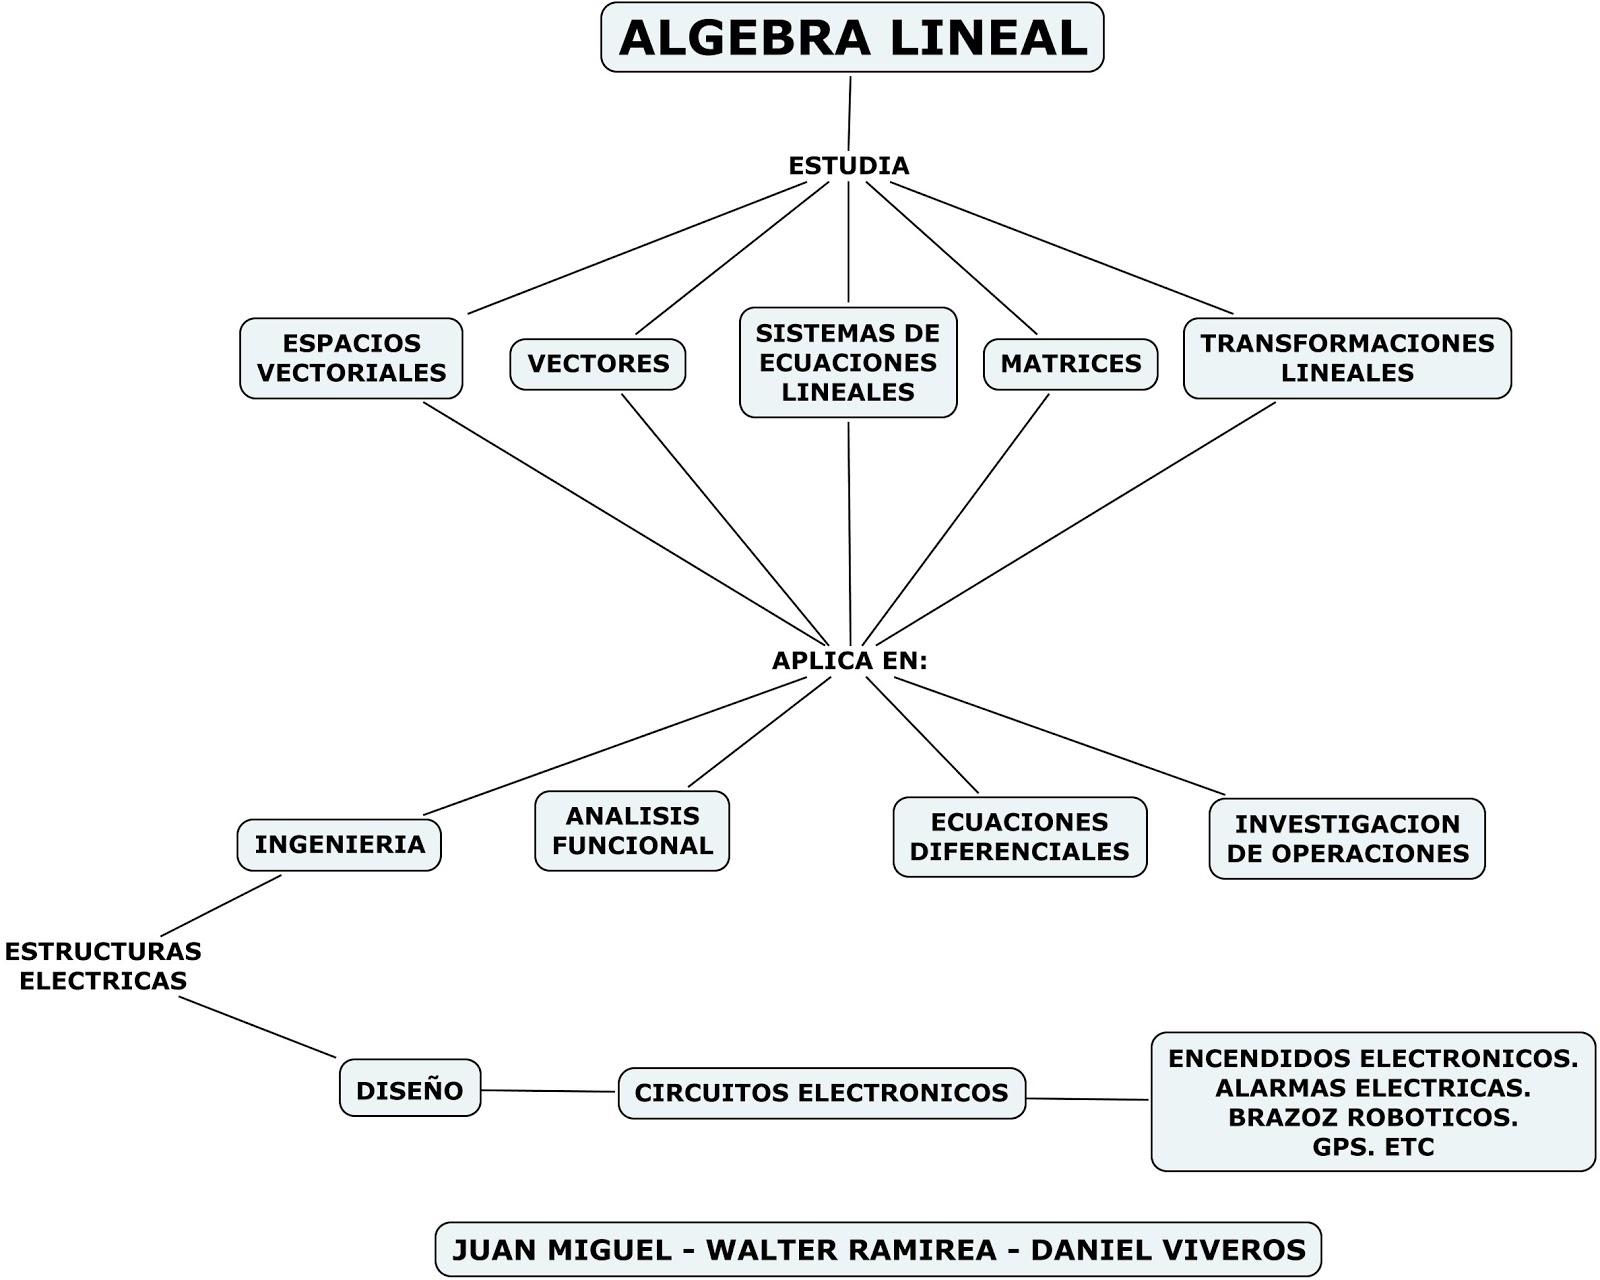 Circuito Lineal : Algebra lineal mapa conceptual y video